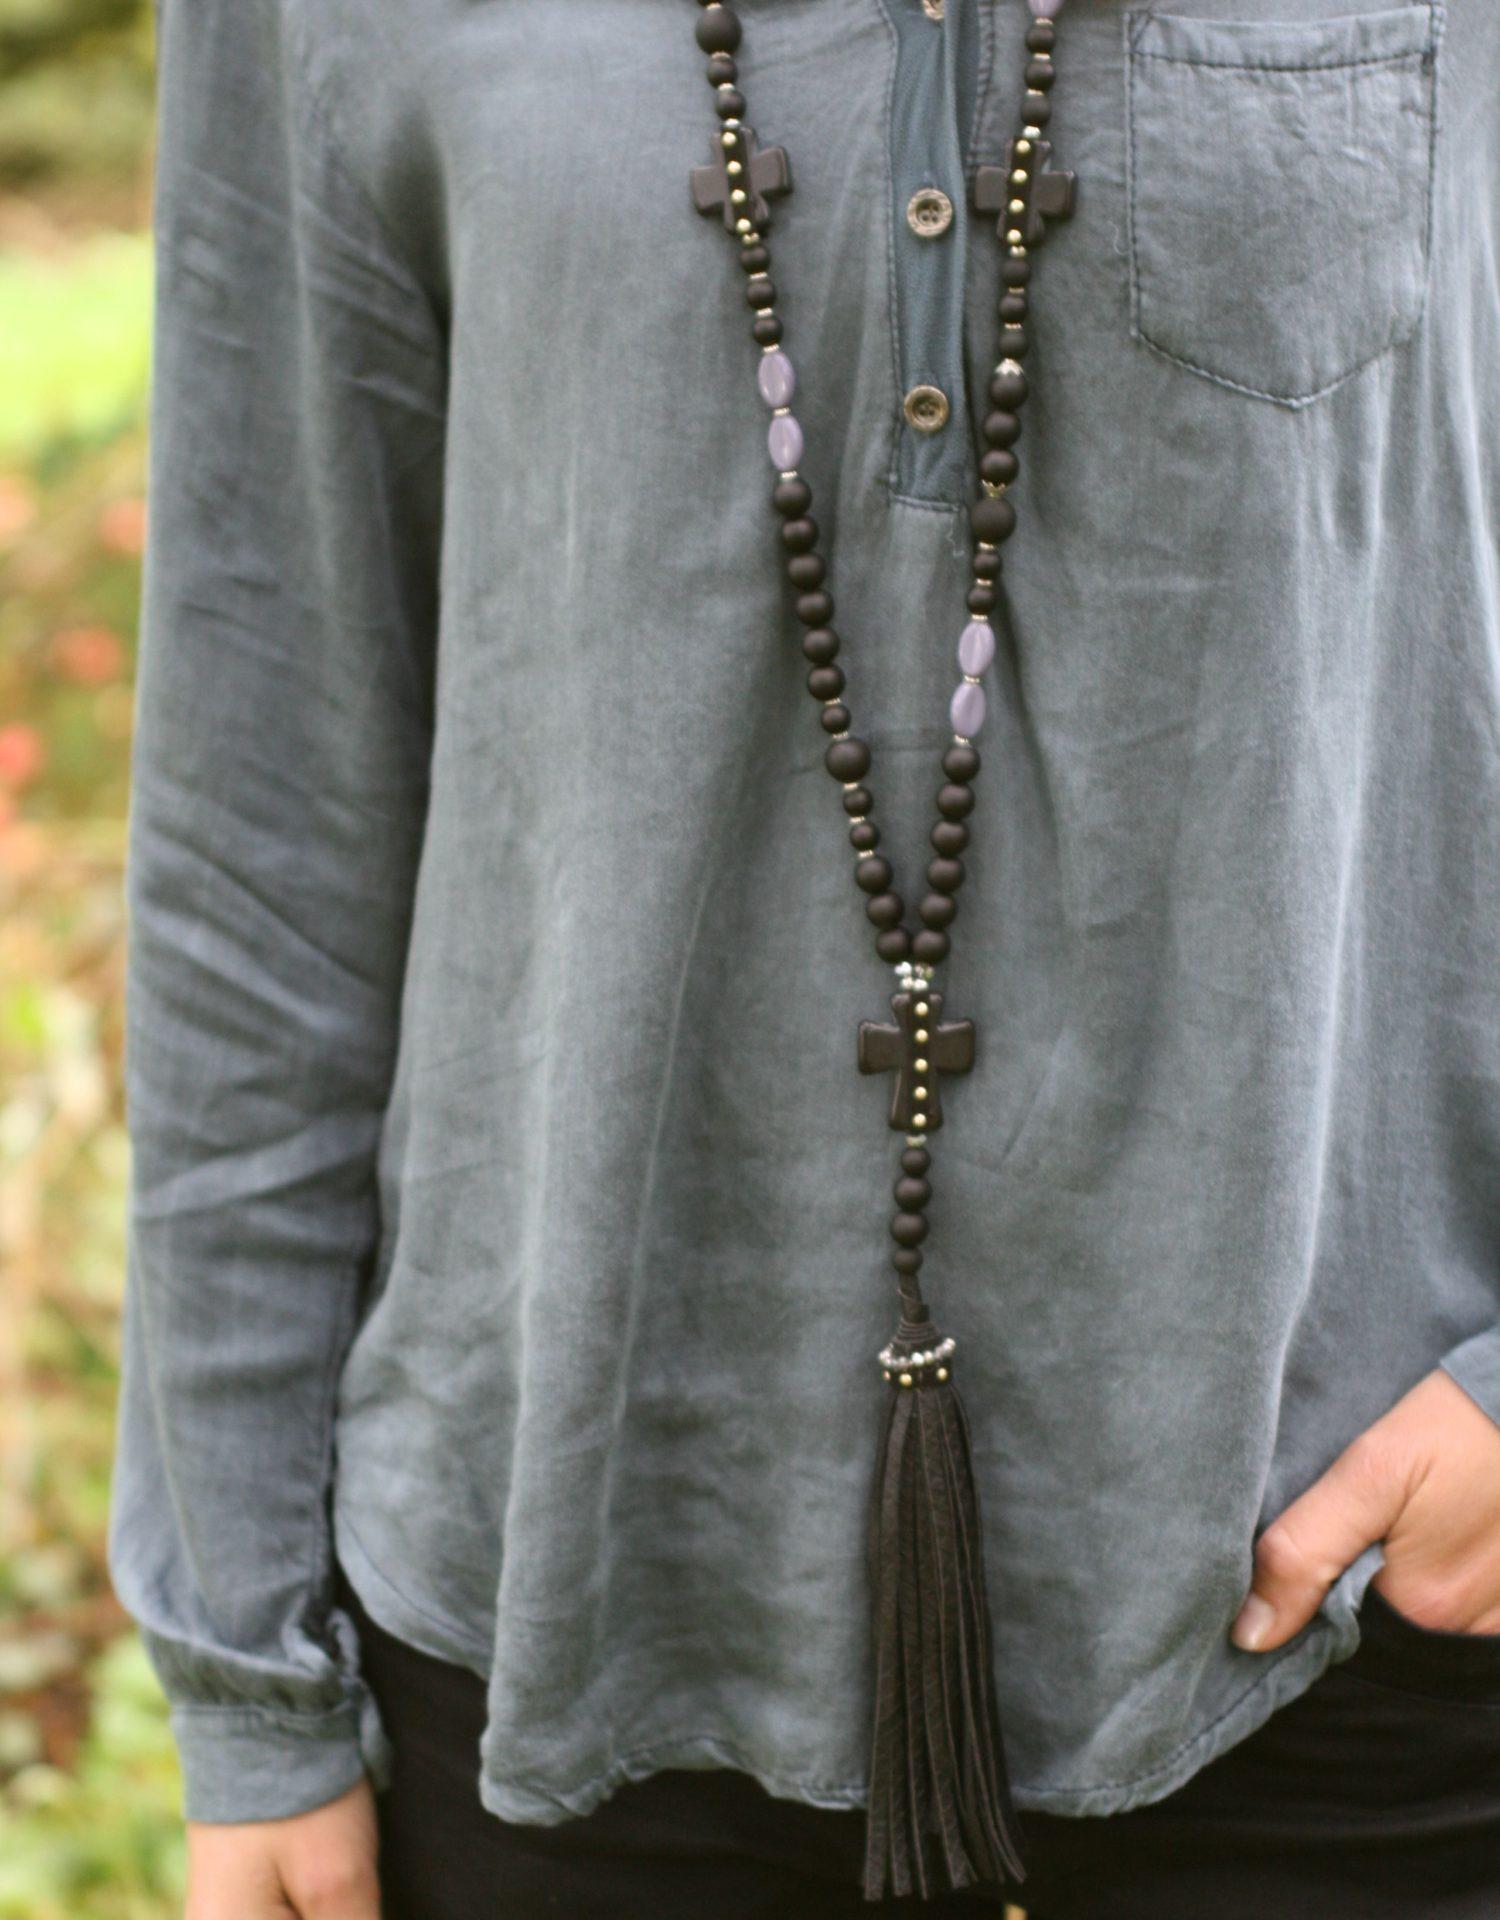 Halskæde, lang med kvast/kors i sort